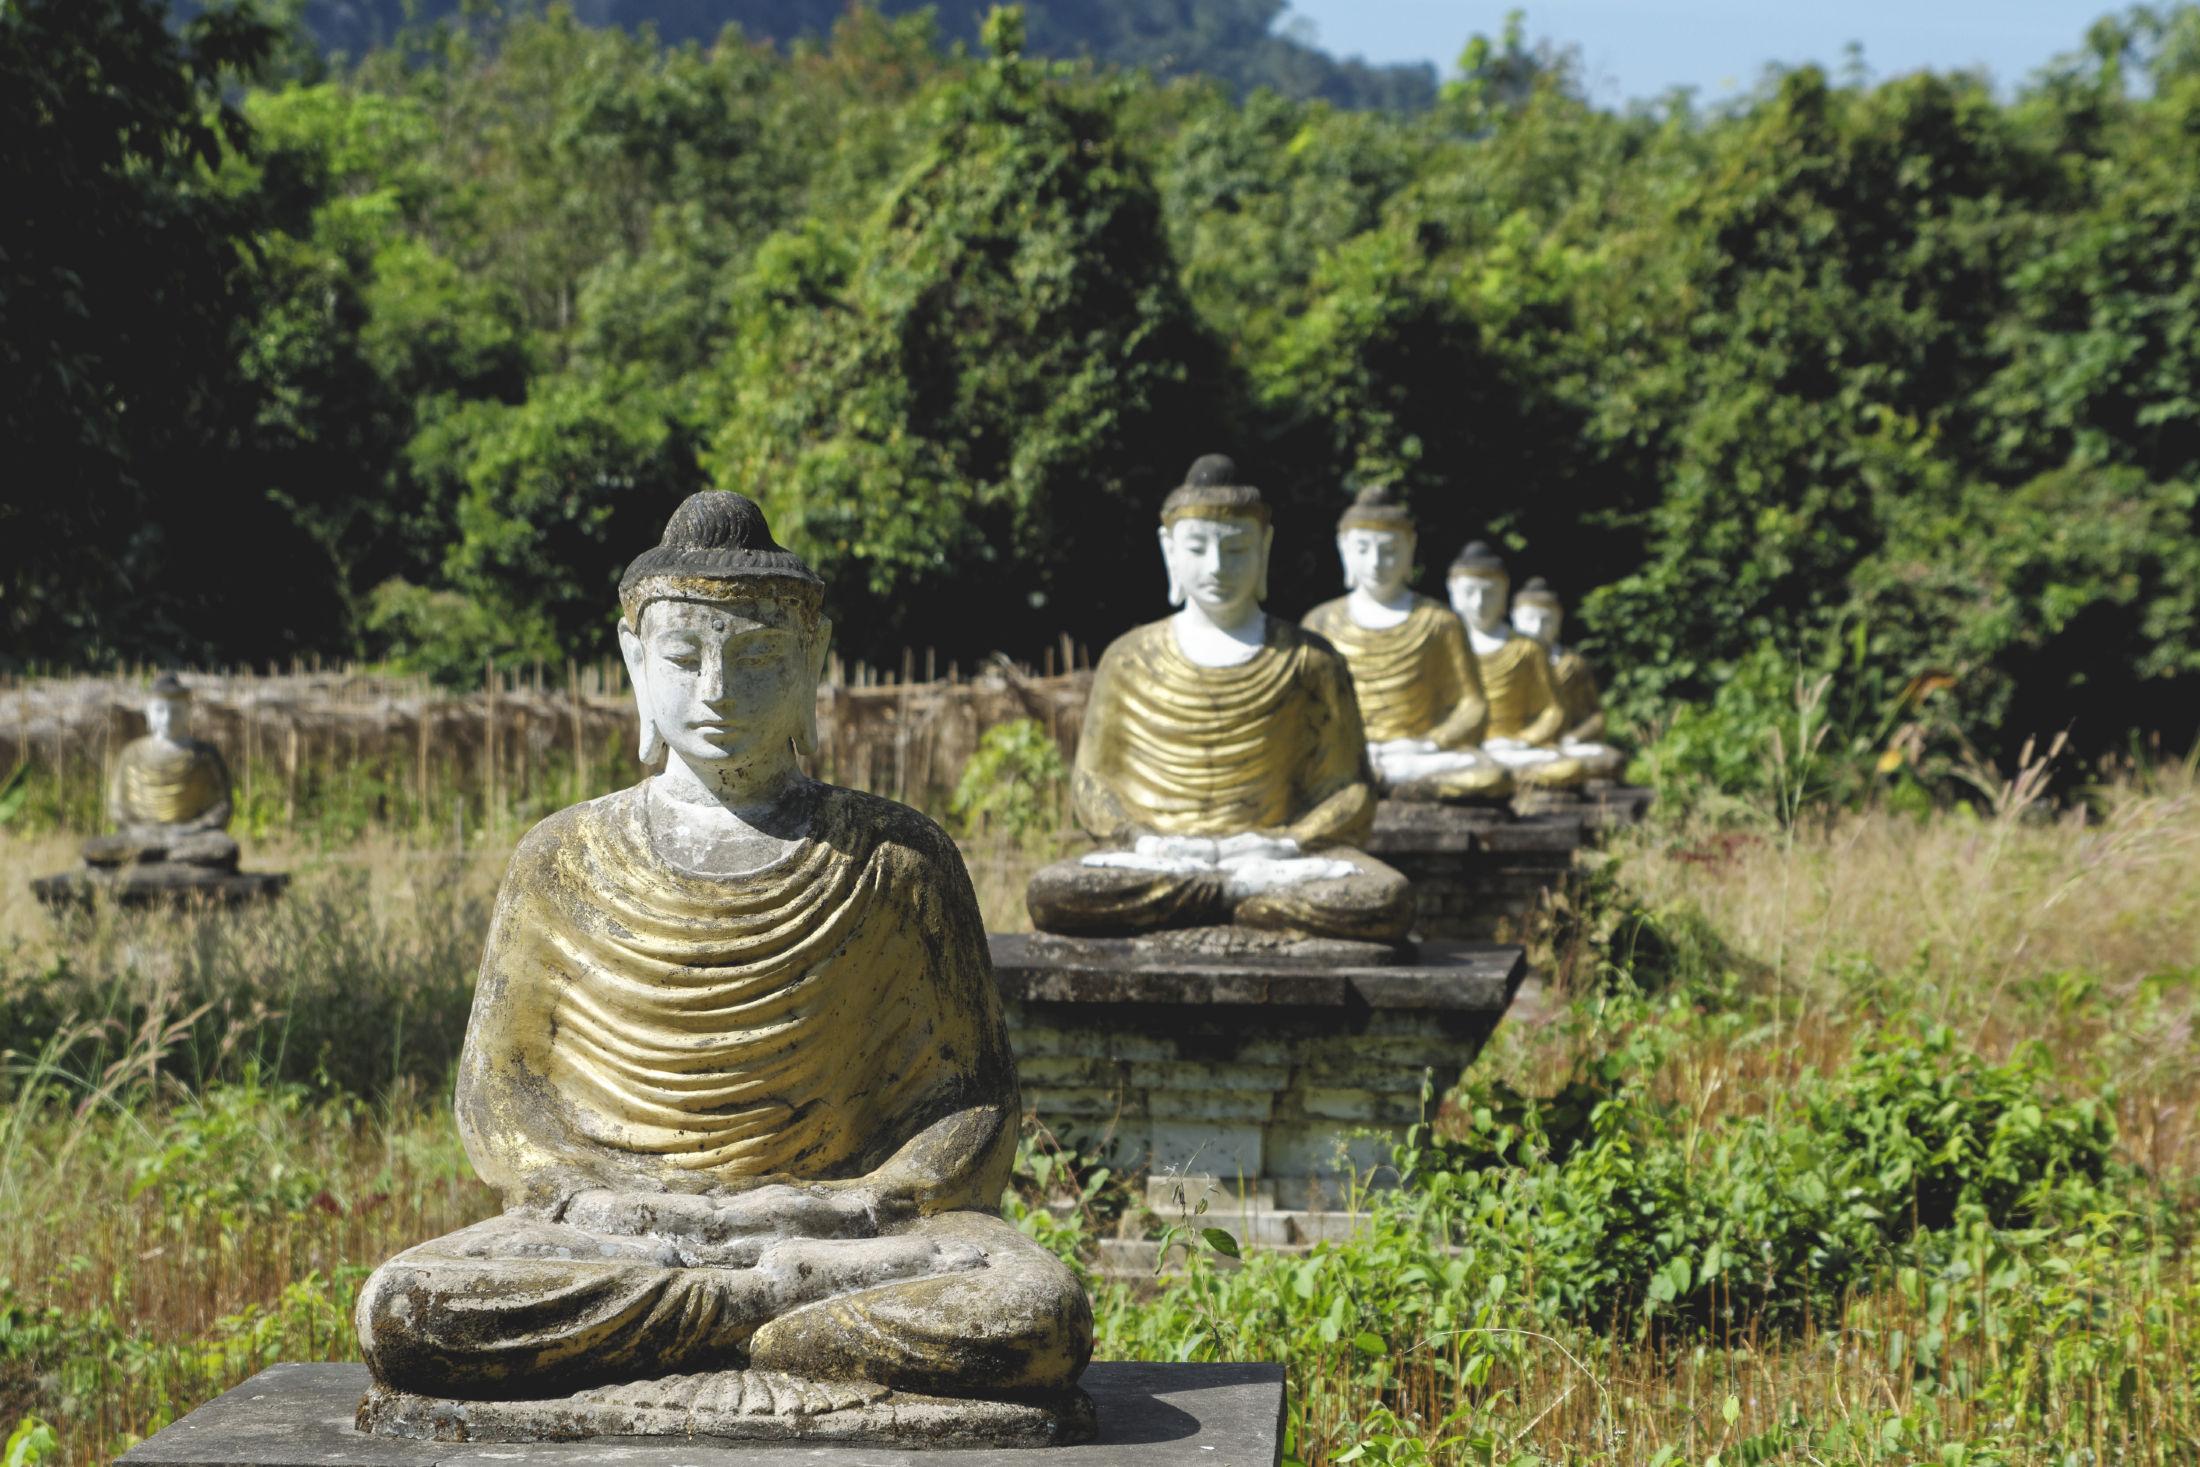 Lumbini Garden bouddhas méditatifs